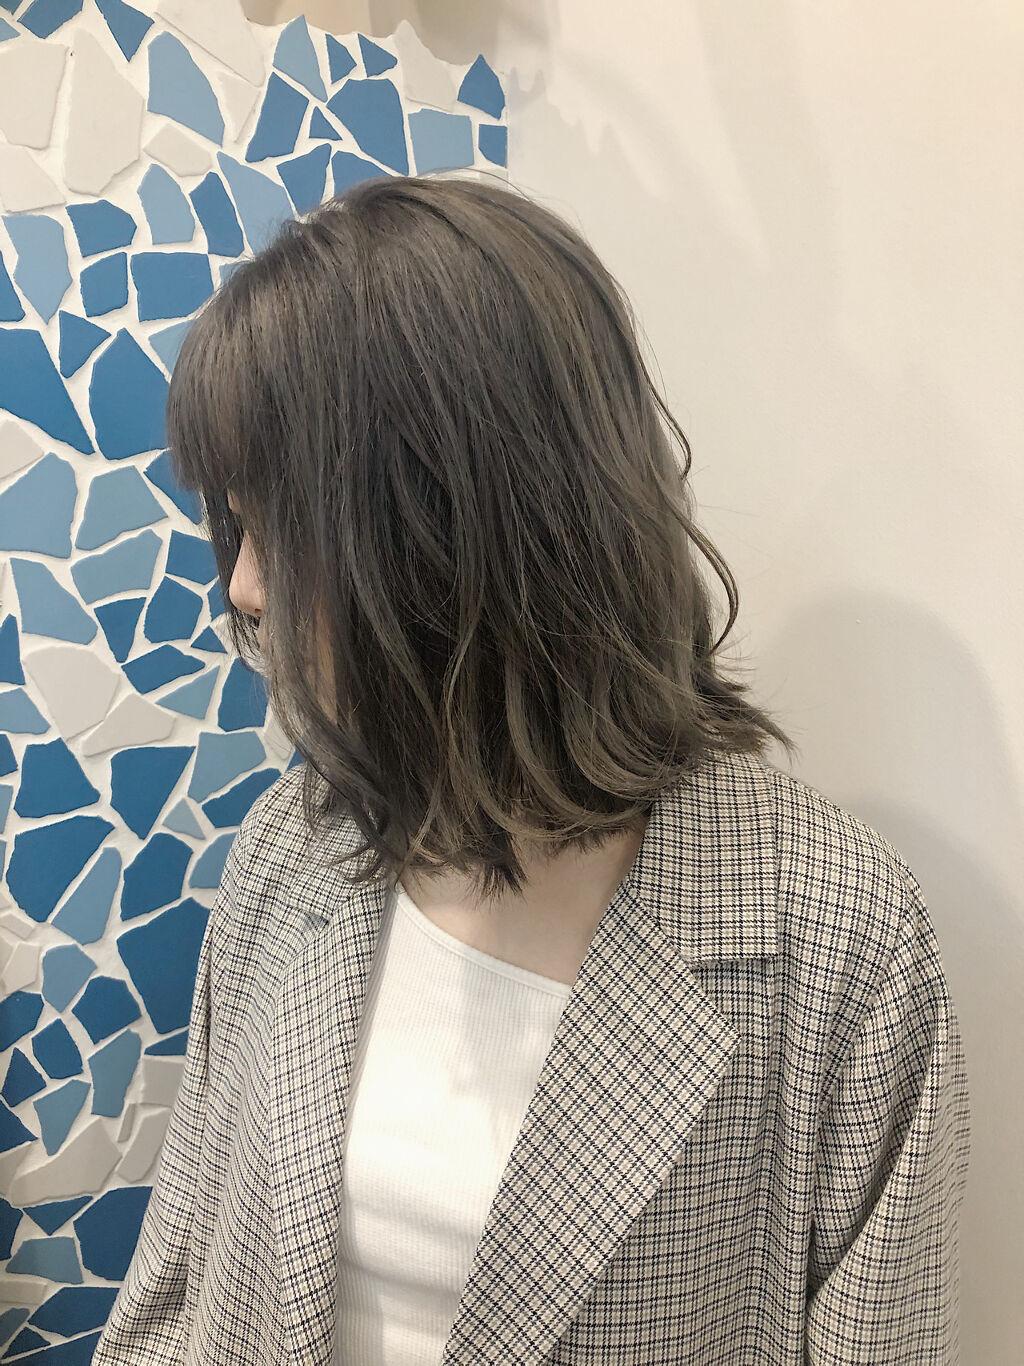 「【保存版】カラーバターとは?使い方&人気カラー解説《黒髪OK?色落ちって?》」の画像(#163654)